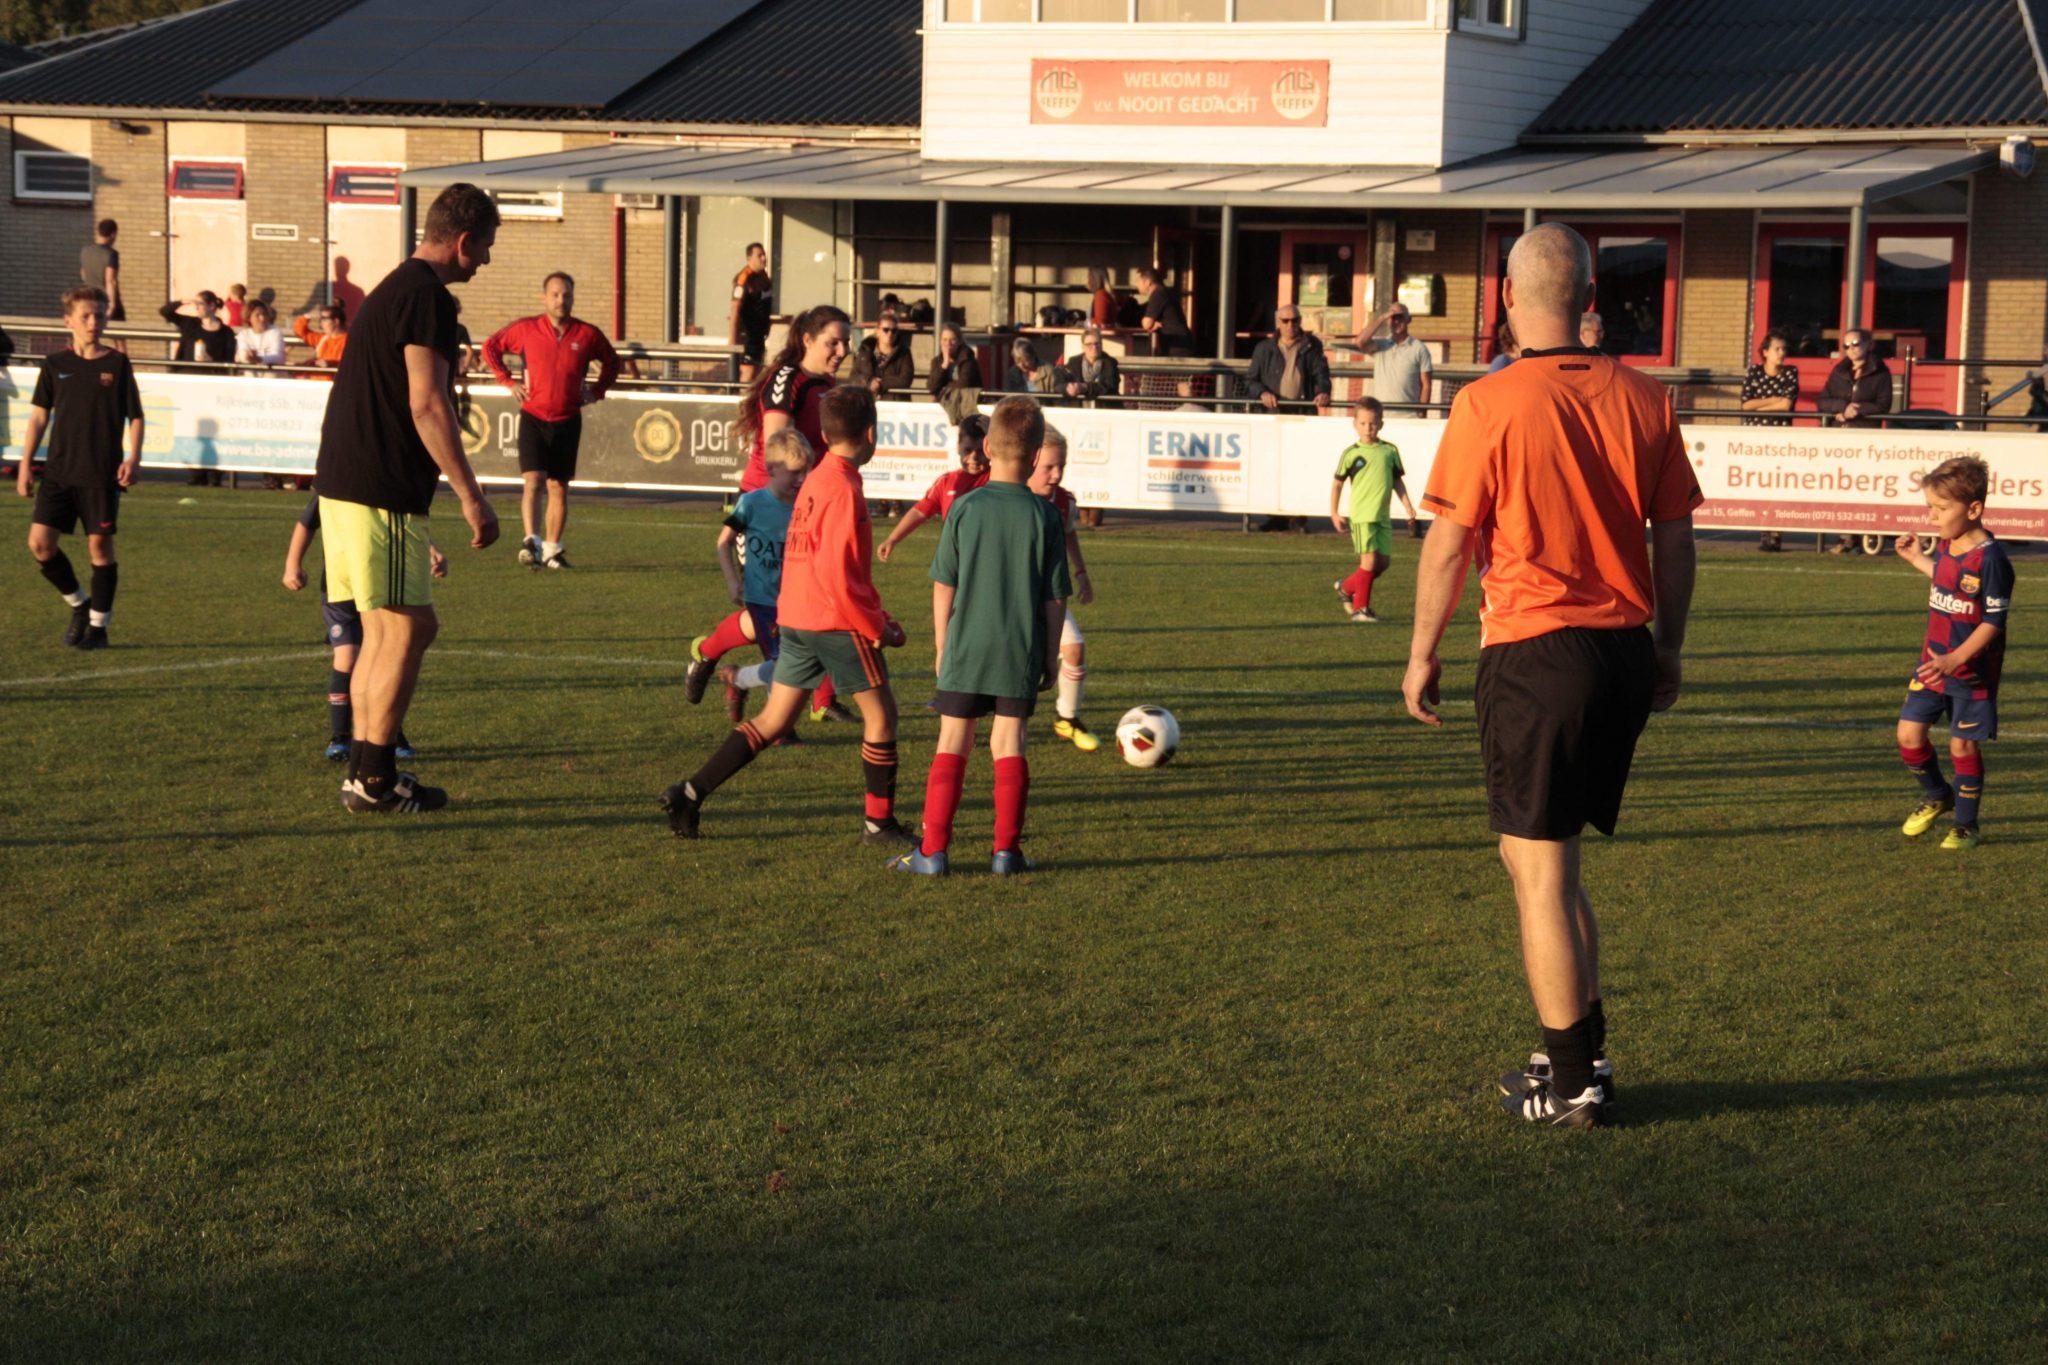 Meld je aan voor ouder/kind voetbal!